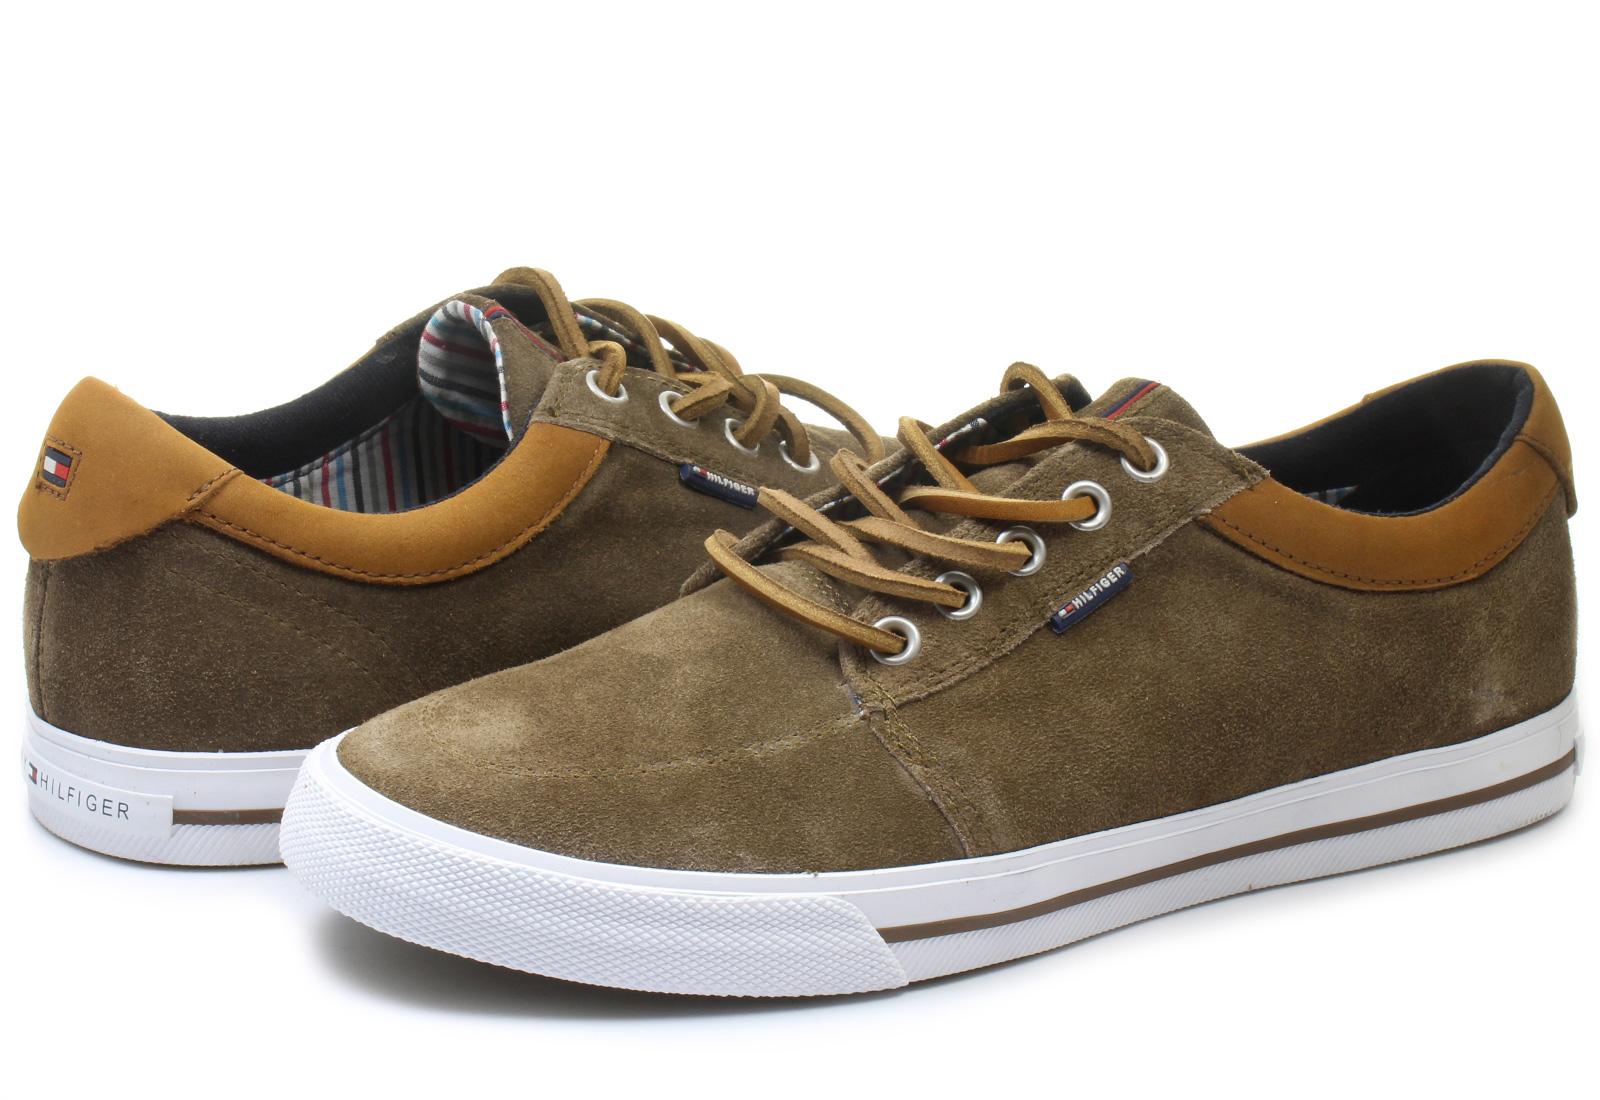 Tommy Hilfiger Cipő - Winston 4b - 14S-6987-230 - Office Shoes ... dee08a1e6c